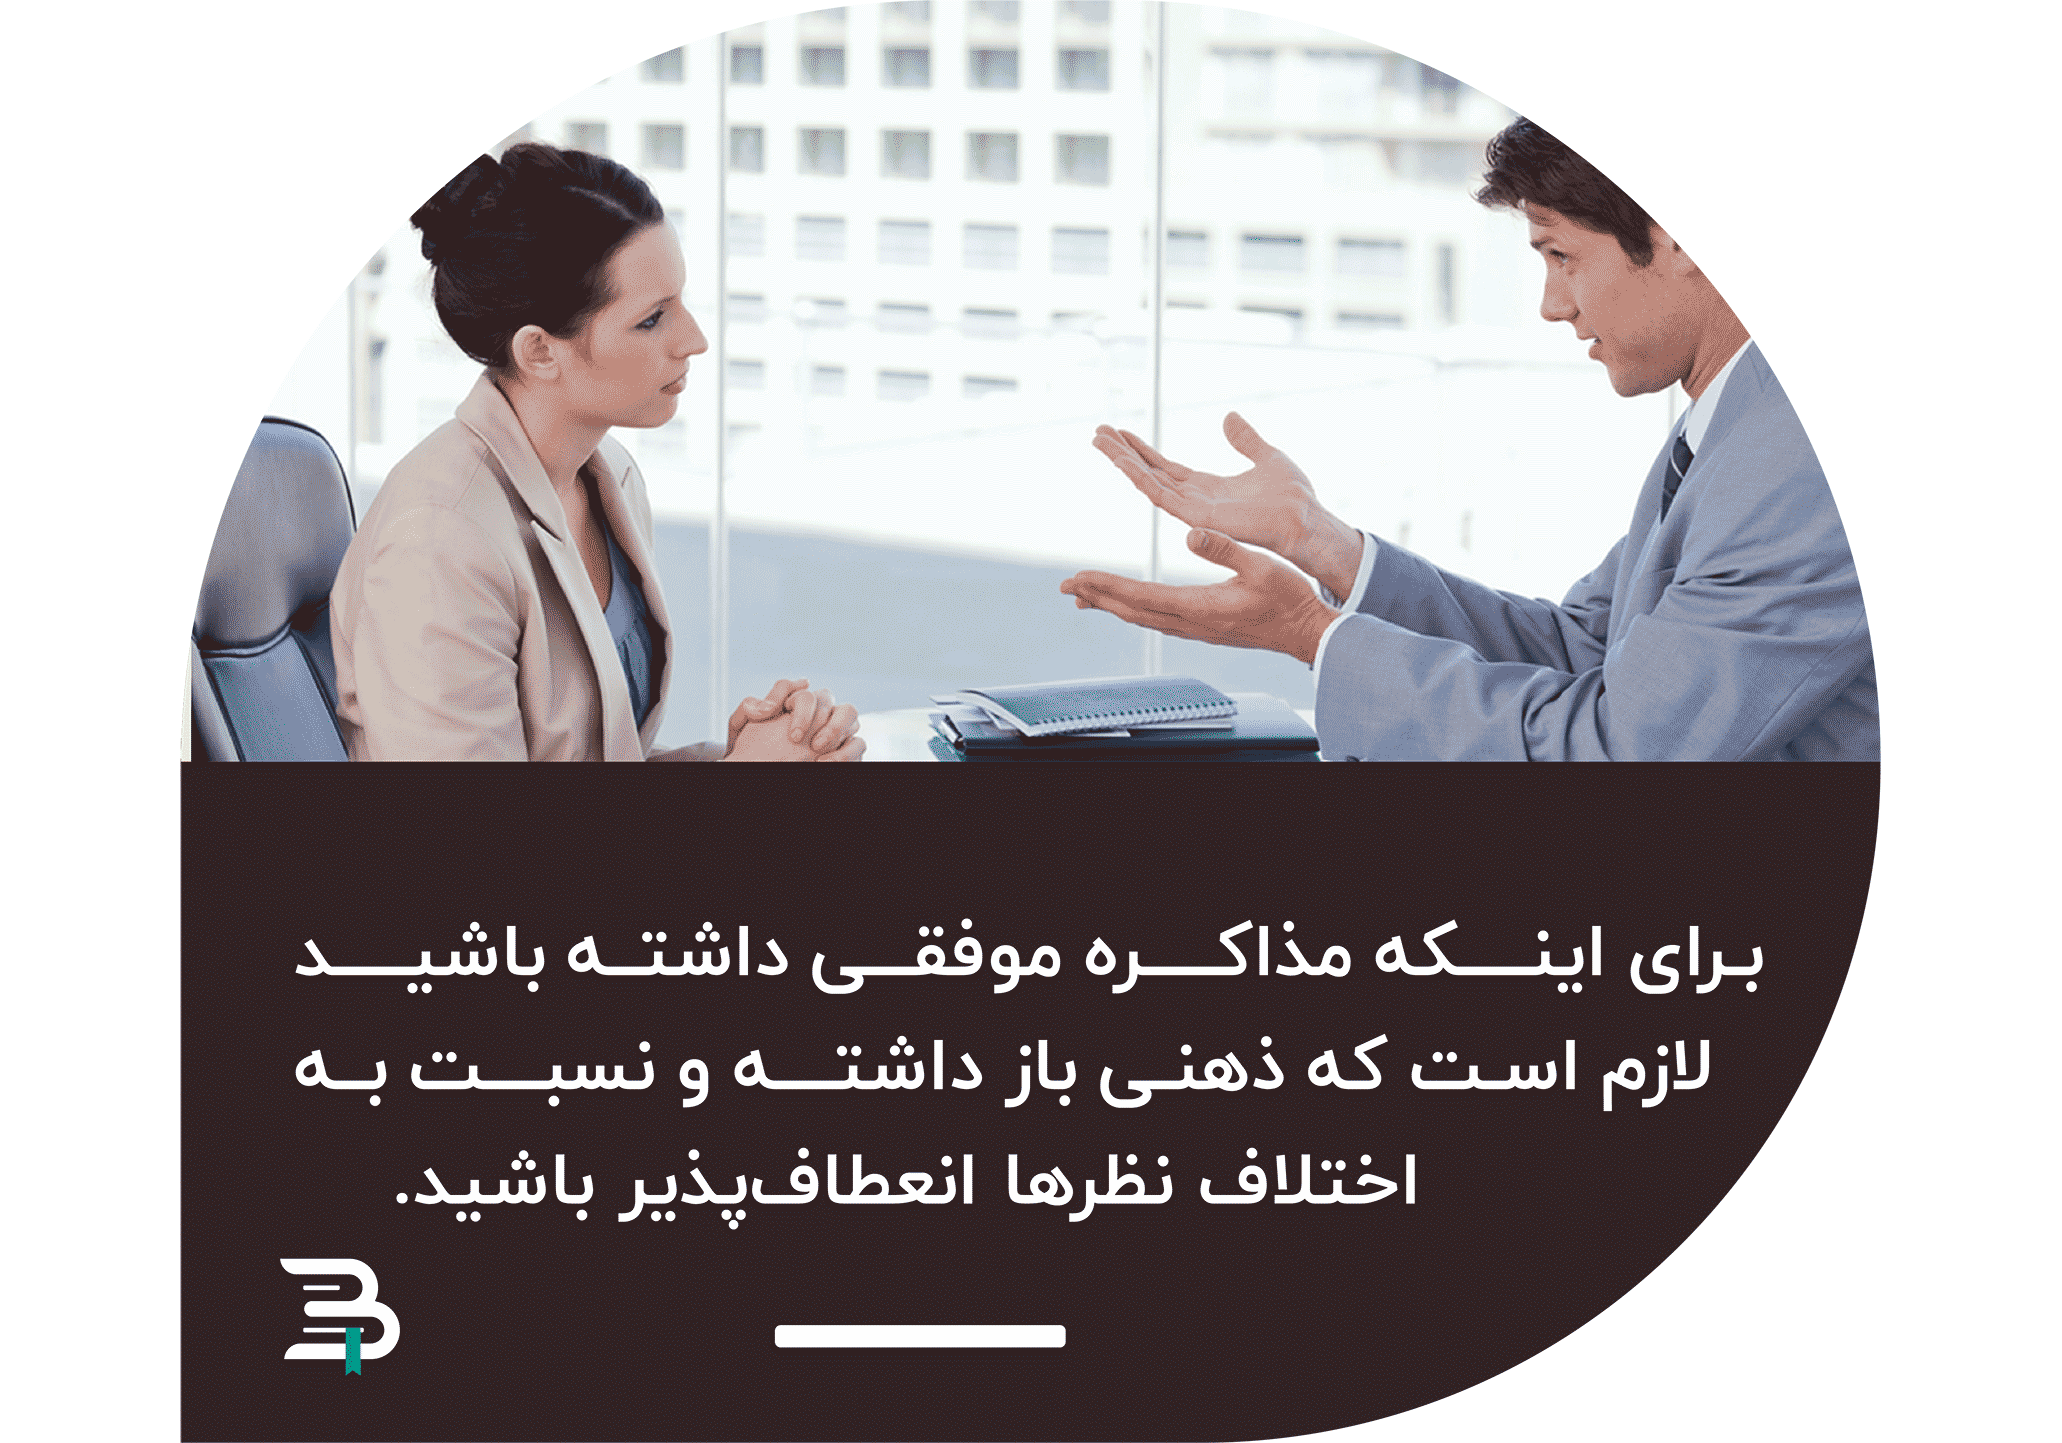 برای مذاکره موفق به ذهنی باز و انعطاف پذیر احتیاج داریم